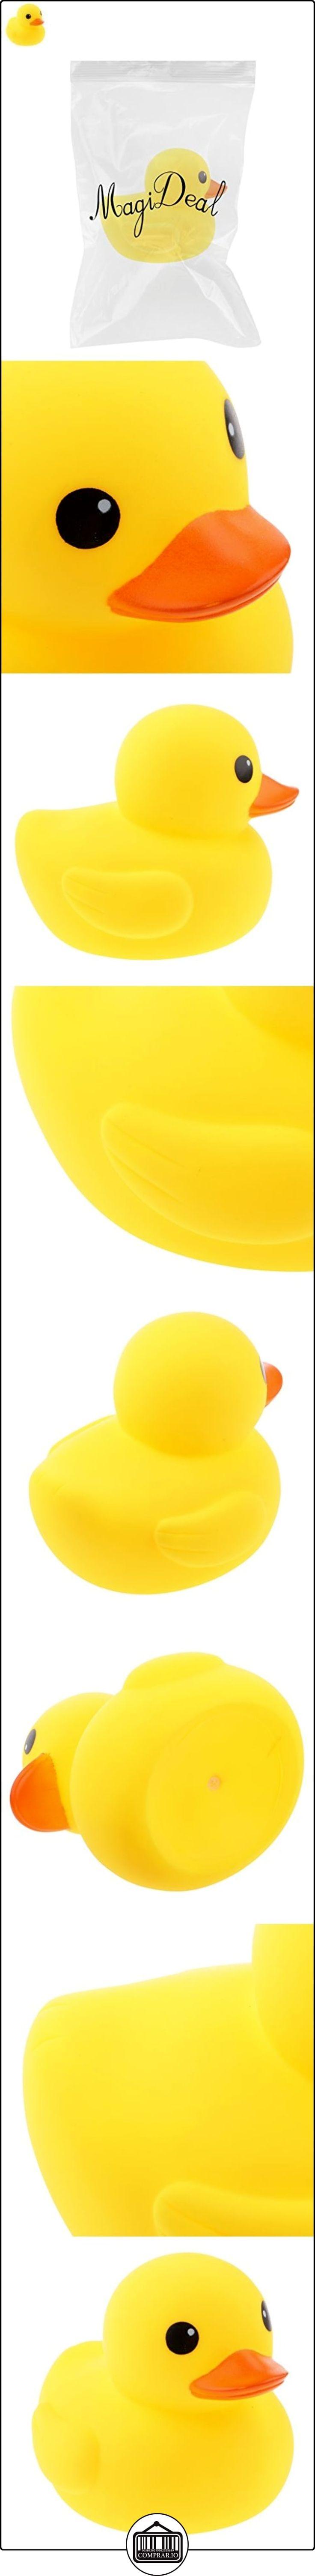 Juguete de Goma Hora del Baño Chirriante Madre Pato Amarillo Grande Bebés  ✿ Seguridad para tu bebé - (Protege a tus hijos) ✿ ▬► Ver oferta: http://comprar.io/goto/B01M8LB9Y4